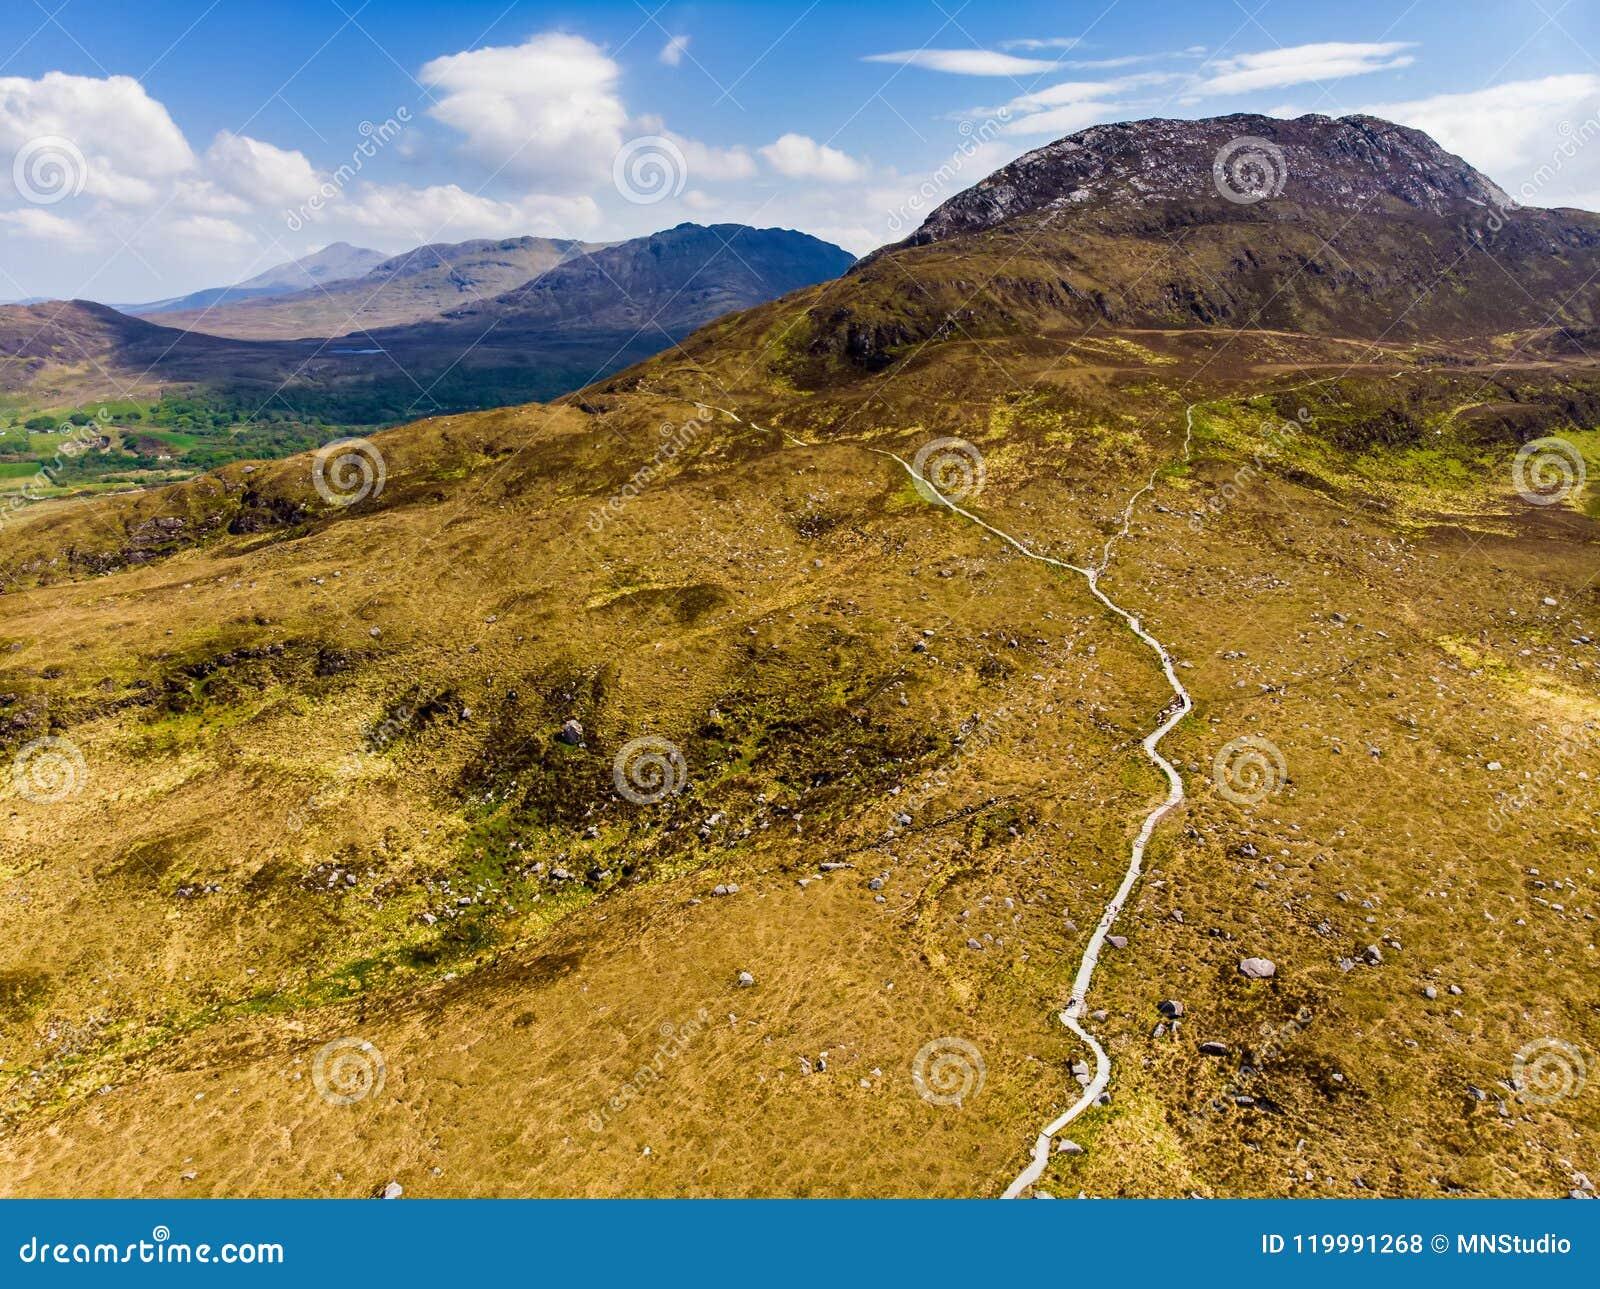 Schöne Ansicht Nationalparks Connemara, berühmt für Sümpfe und Heidekräuter, vorbei aufgepasst durch seinen kegelförmigen Berg, D